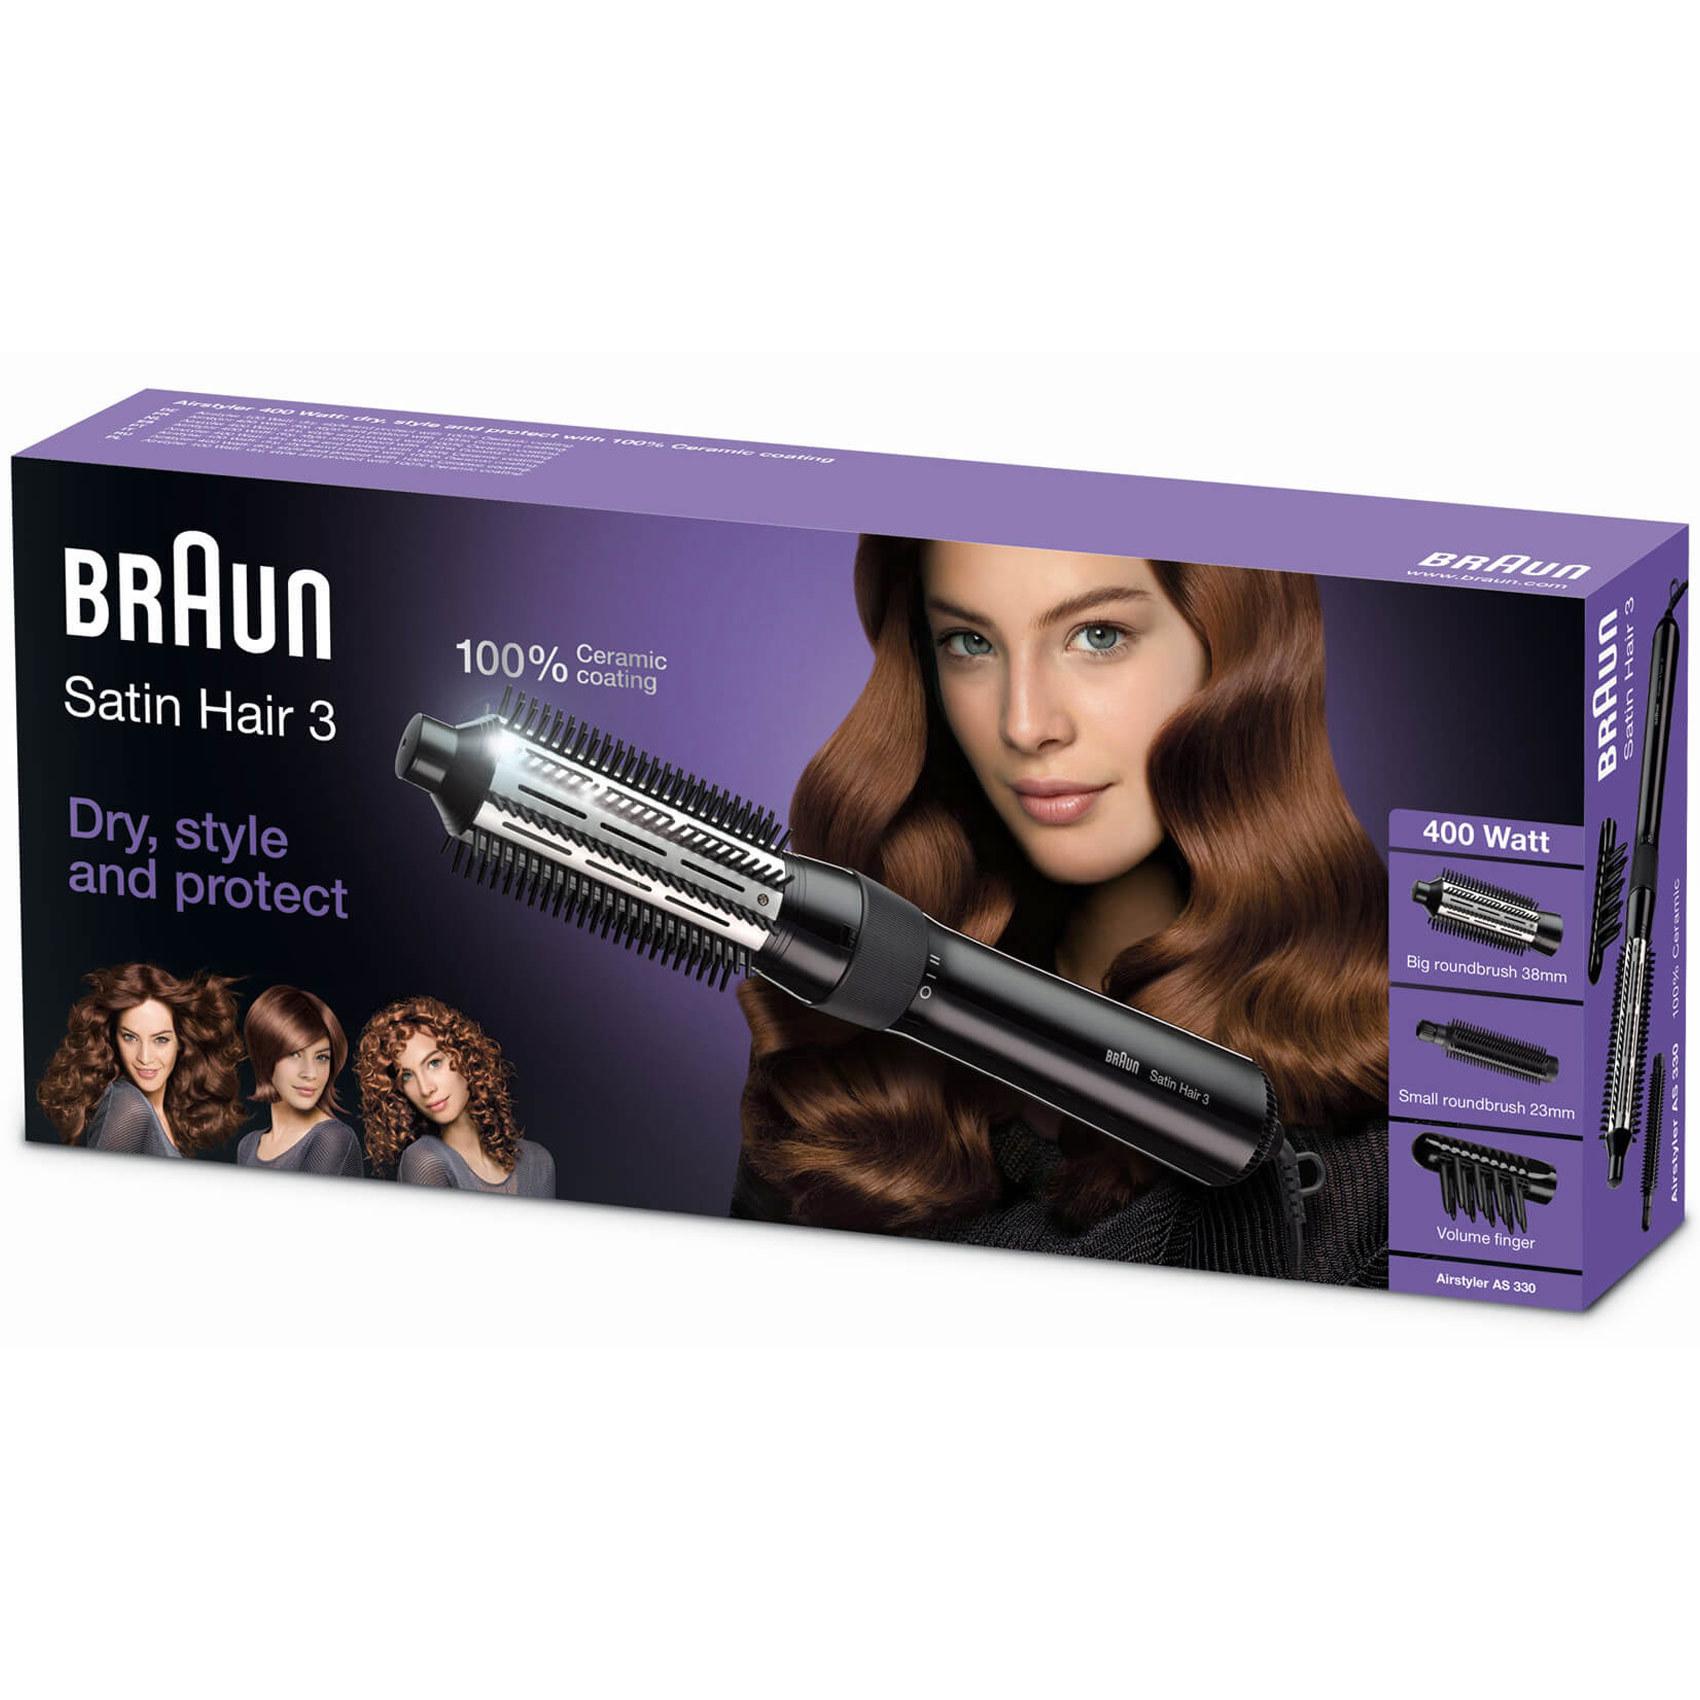 BRAUN HAIR STYLER AS 330